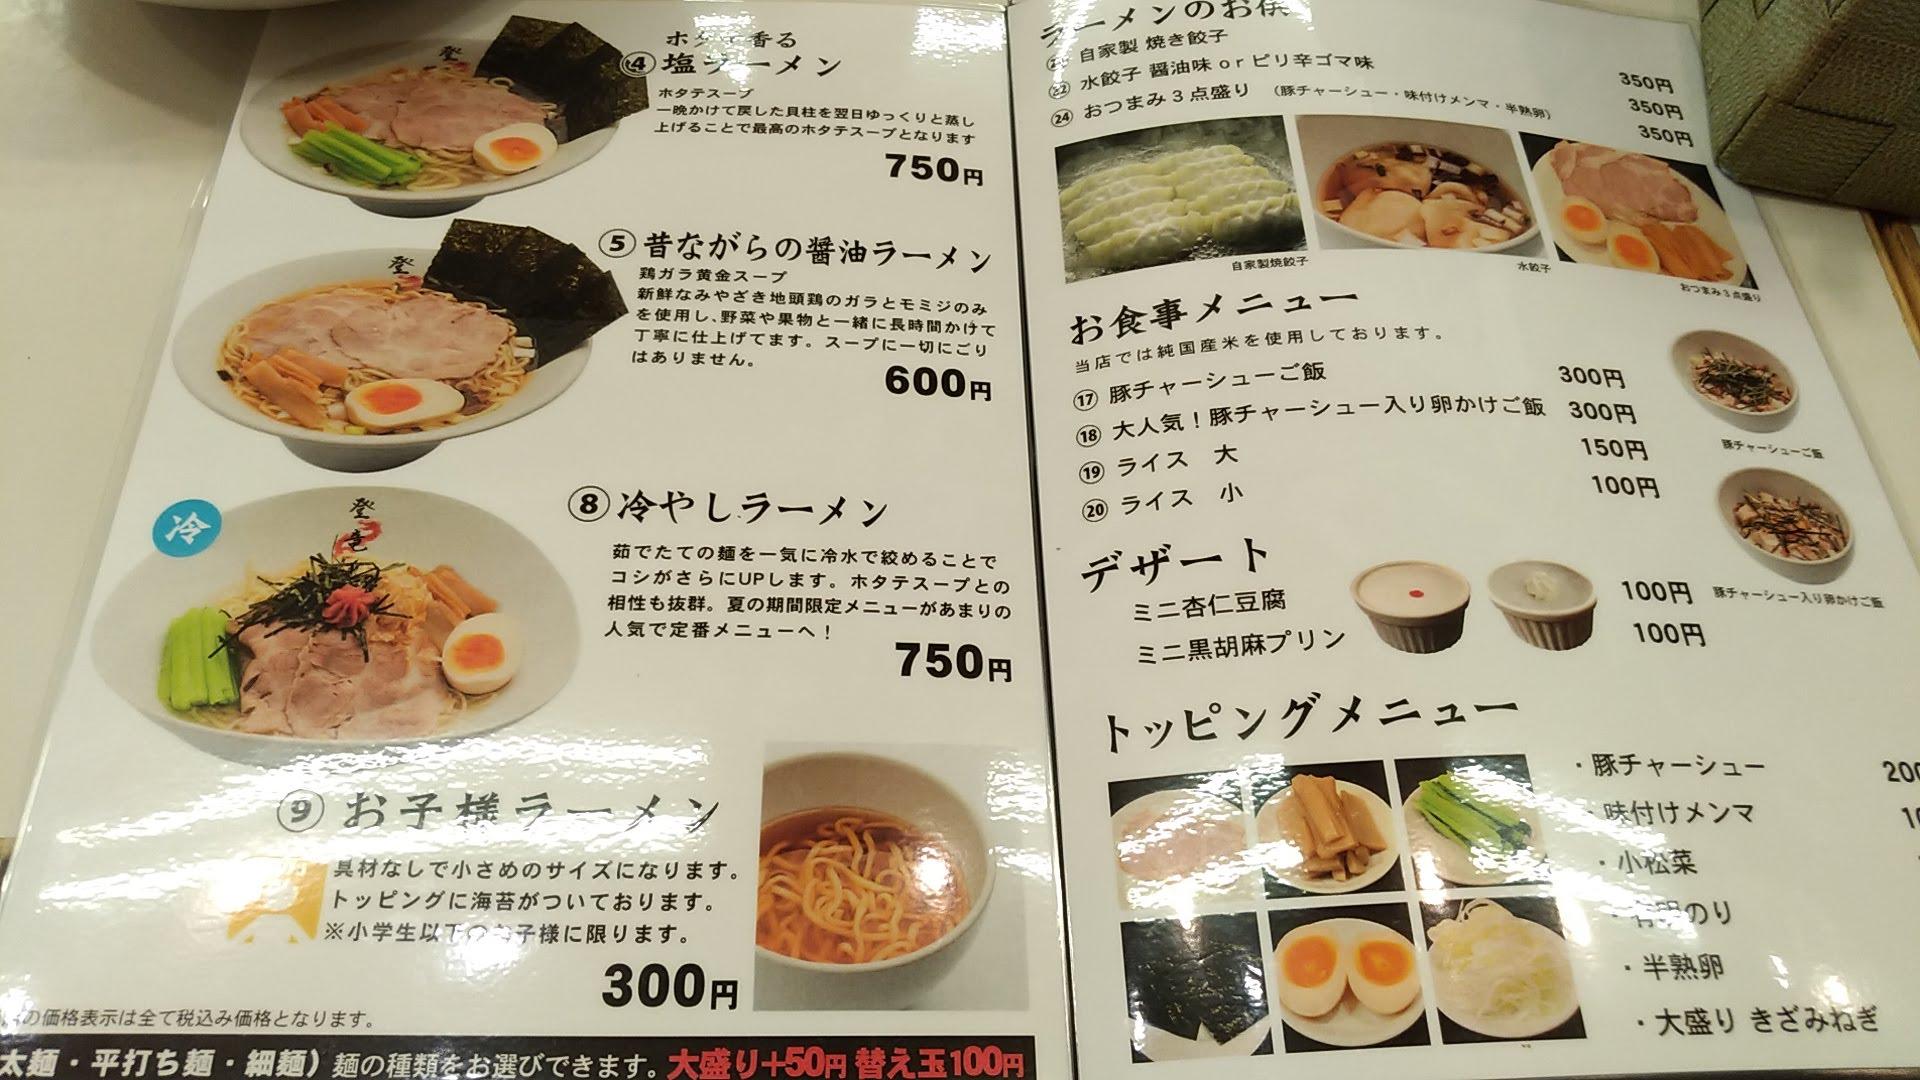 the menu for Touryumon 2